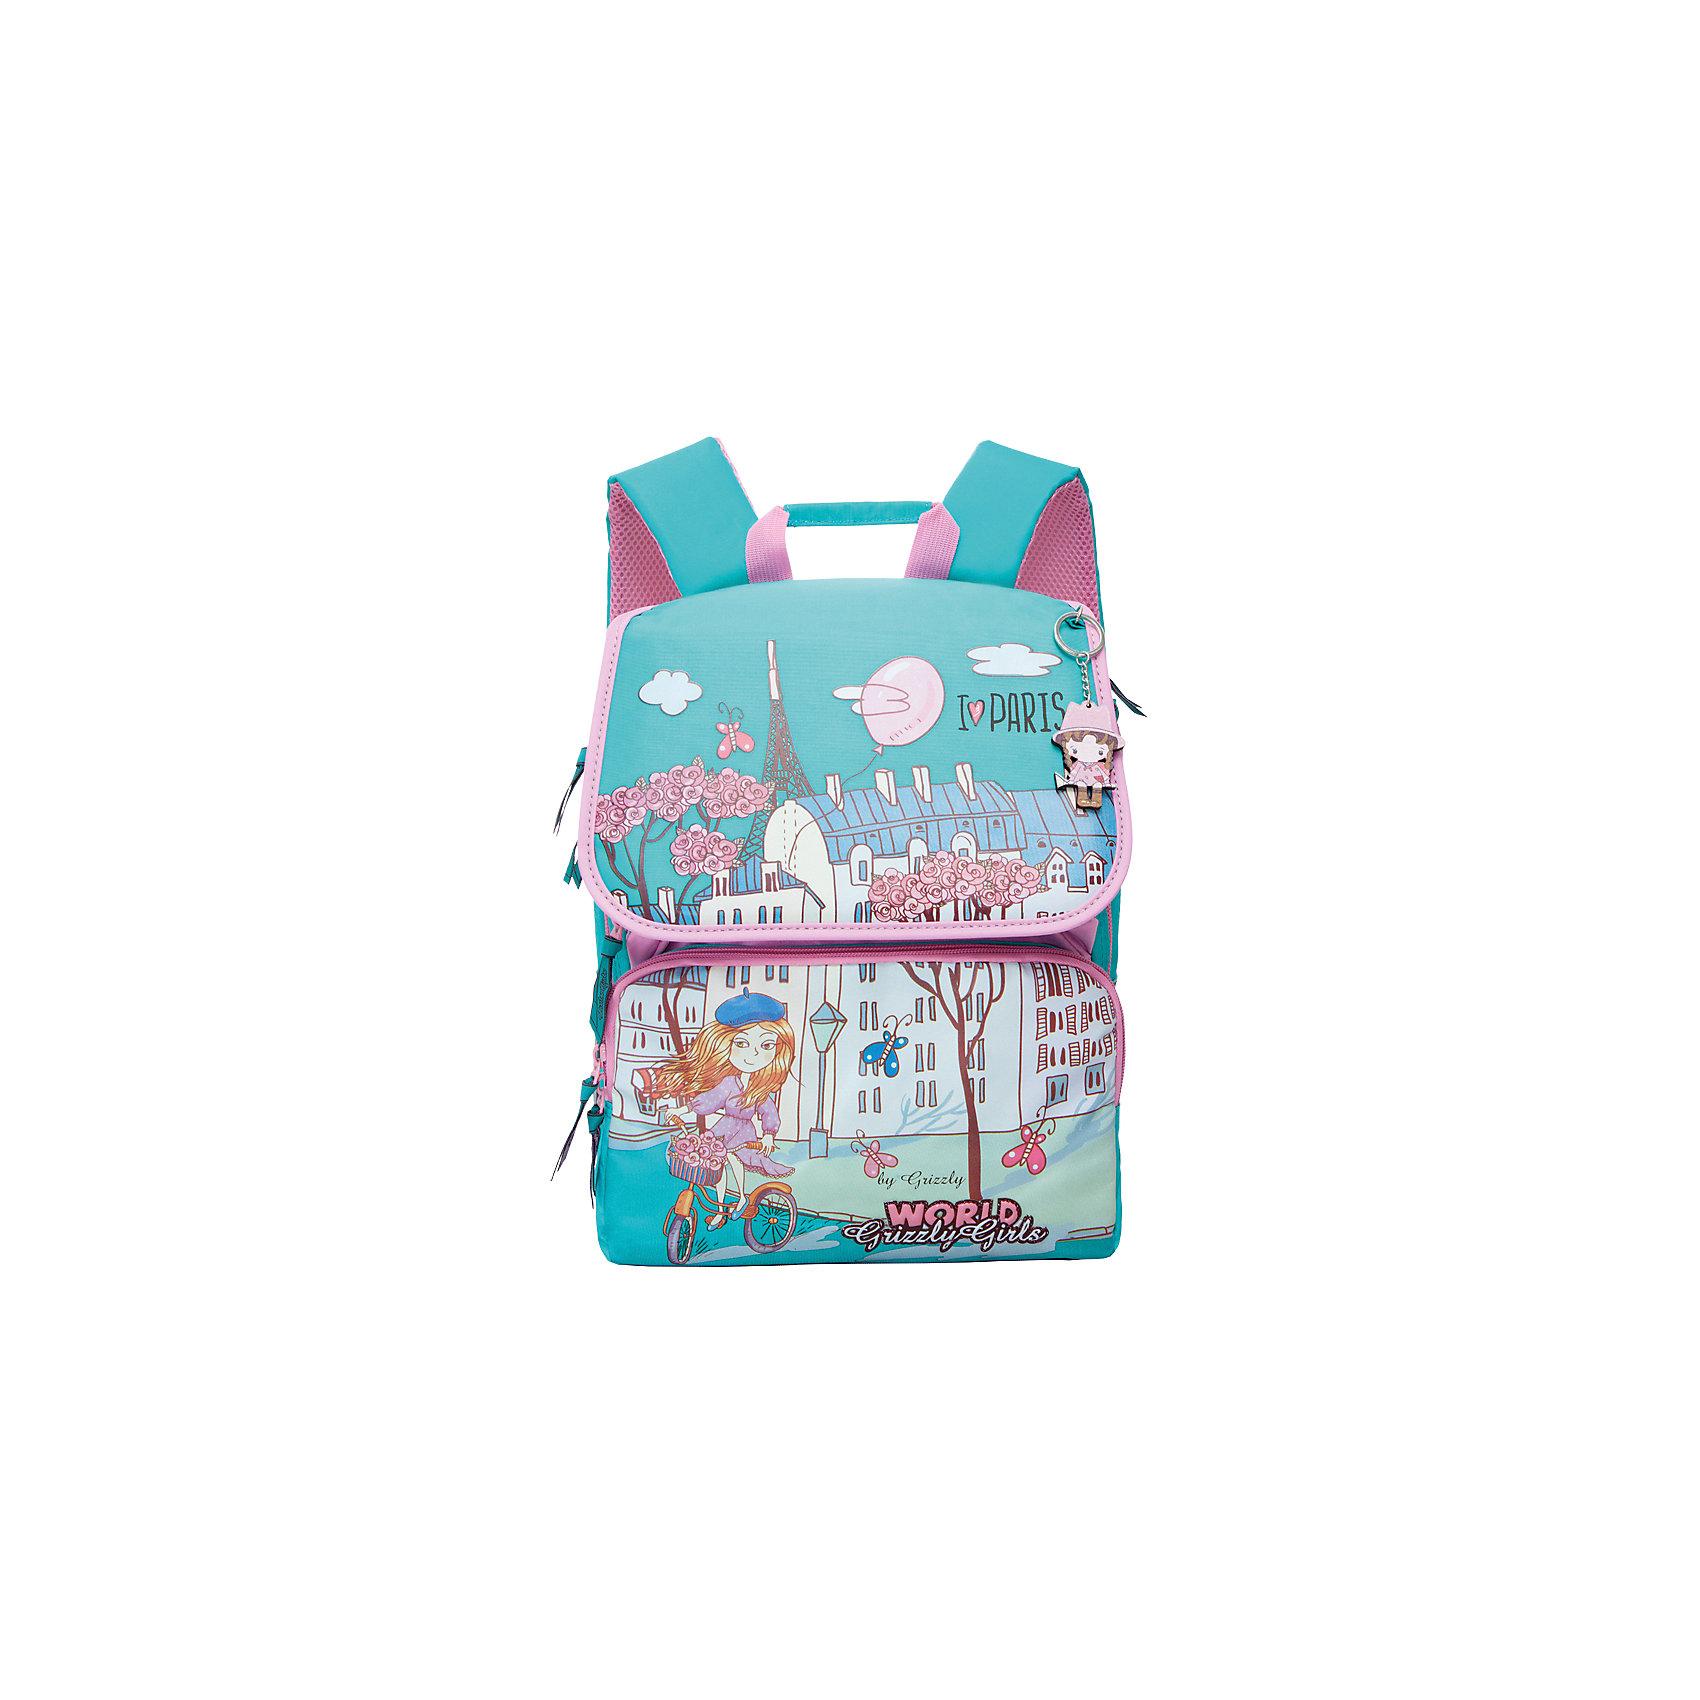 Рюкзак школьный Grizzly бирюзово-розовыйРюкзаки<br>Рюкзак, бирюзово-розовый, Grizzly (Гризли) ? рюкзак отечественного бренда Гризли молодежной серии. Рюкзак выполнен из нейлона высокого качества, что обеспечивает легкий вес, но при этом надежность и прочность. Все швы выполнены капроновыми нитками, что делает швы особенно крепкими и устойчивыми к износу даже в течение нескольких лет. <br>Внутреннее устройство рюкзака состоит из двух вместительных отсеков, составного пенала-органайзера и клапана на липучках. На передней стенке имеется два кармана на молнии. Удобство и эргономичность рюкзака обеспечивается жесткой анатомической спинкой и регулируемыми укрепленными лямками. Также имеется дополнительная ручка-петля. На рюкзаке с четырех сторон имеются светоотражающие нашивки-эмблемы. В комплекте идет брелок-куколка. Данную модель рекомендуется приобретать, в первую очередь, школьникам, у которых имеются нарушения осанки и тем, кому приходится преодолевать долгий путь до школы. Уникальность рюкзаков Grizzly заключается в том, что анатомическая спинка изготовлена из специальной ткани, которая пропускает воздух, тем самым защищает спину от повышенного потоотделения. <br>Рюкзаки молодежной серии Grizzly (Гризли) ? это не только удобство и функциональность, это еще и оригинальный современный дизайн. Рюкзак, бирюзово-розовый, Grizzly (Гризли) выполнен в оригинальном дизайнерском решении: изображение порхающей колибри над цветами:  на бирюзовом фоне.<br>Рюкзак, бирюзово-розовый, Grizzly (Гризли) ? это качество материалов, удобство и долговечность использования. <br><br>Дополнительная информация:<br><br>- Вес: 1 кг 100 г<br>- Габариты (Д*Г*В): 29*18*35 см<br>- Цвет: бирюзовый, розовый, фиолетовый<br>- Материал: нейлон <br>- Сезон: круглый год<br>- Коллекция: молодежная <br>- Год коллекции: 2016 <br>- Пол: женский<br>- Предназначение: для школы<br>- Особенности ухода: можно чистить влажной щеткой или губкой, допускается ручная стирка<br><br>Подробнее:<br><br>• Для школьников в в